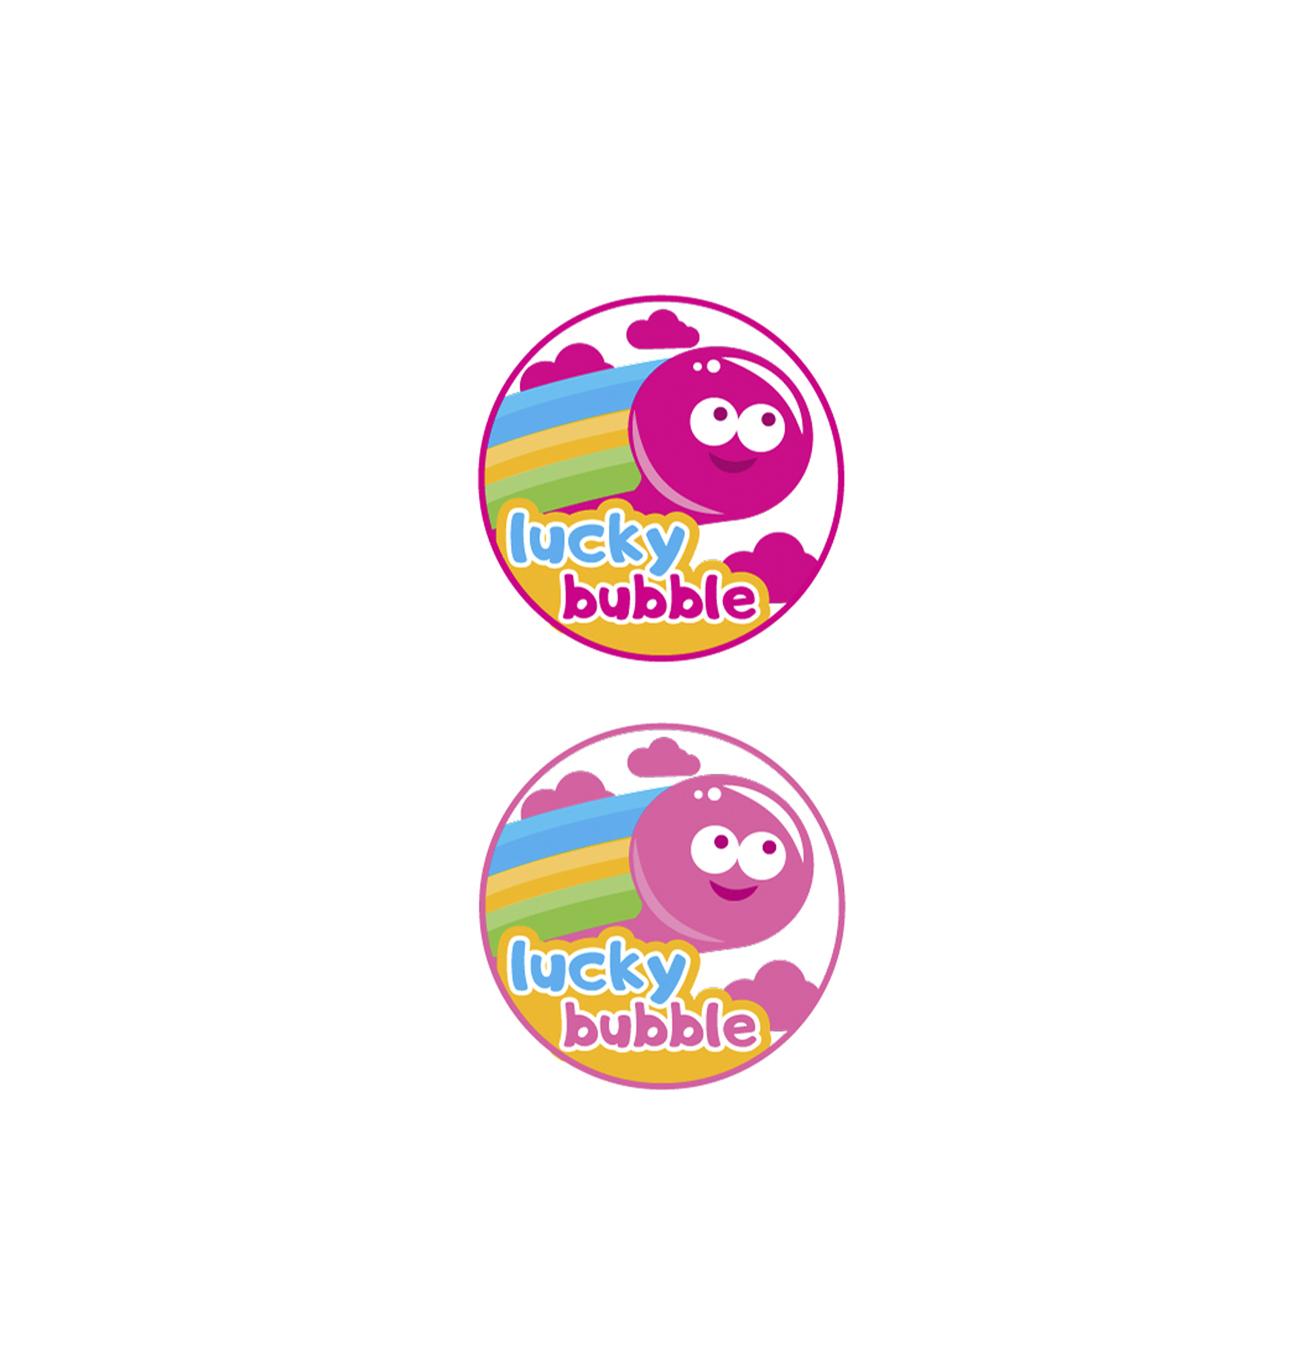 Разработка логотипа  фото f_2225fb8f06809709.jpg